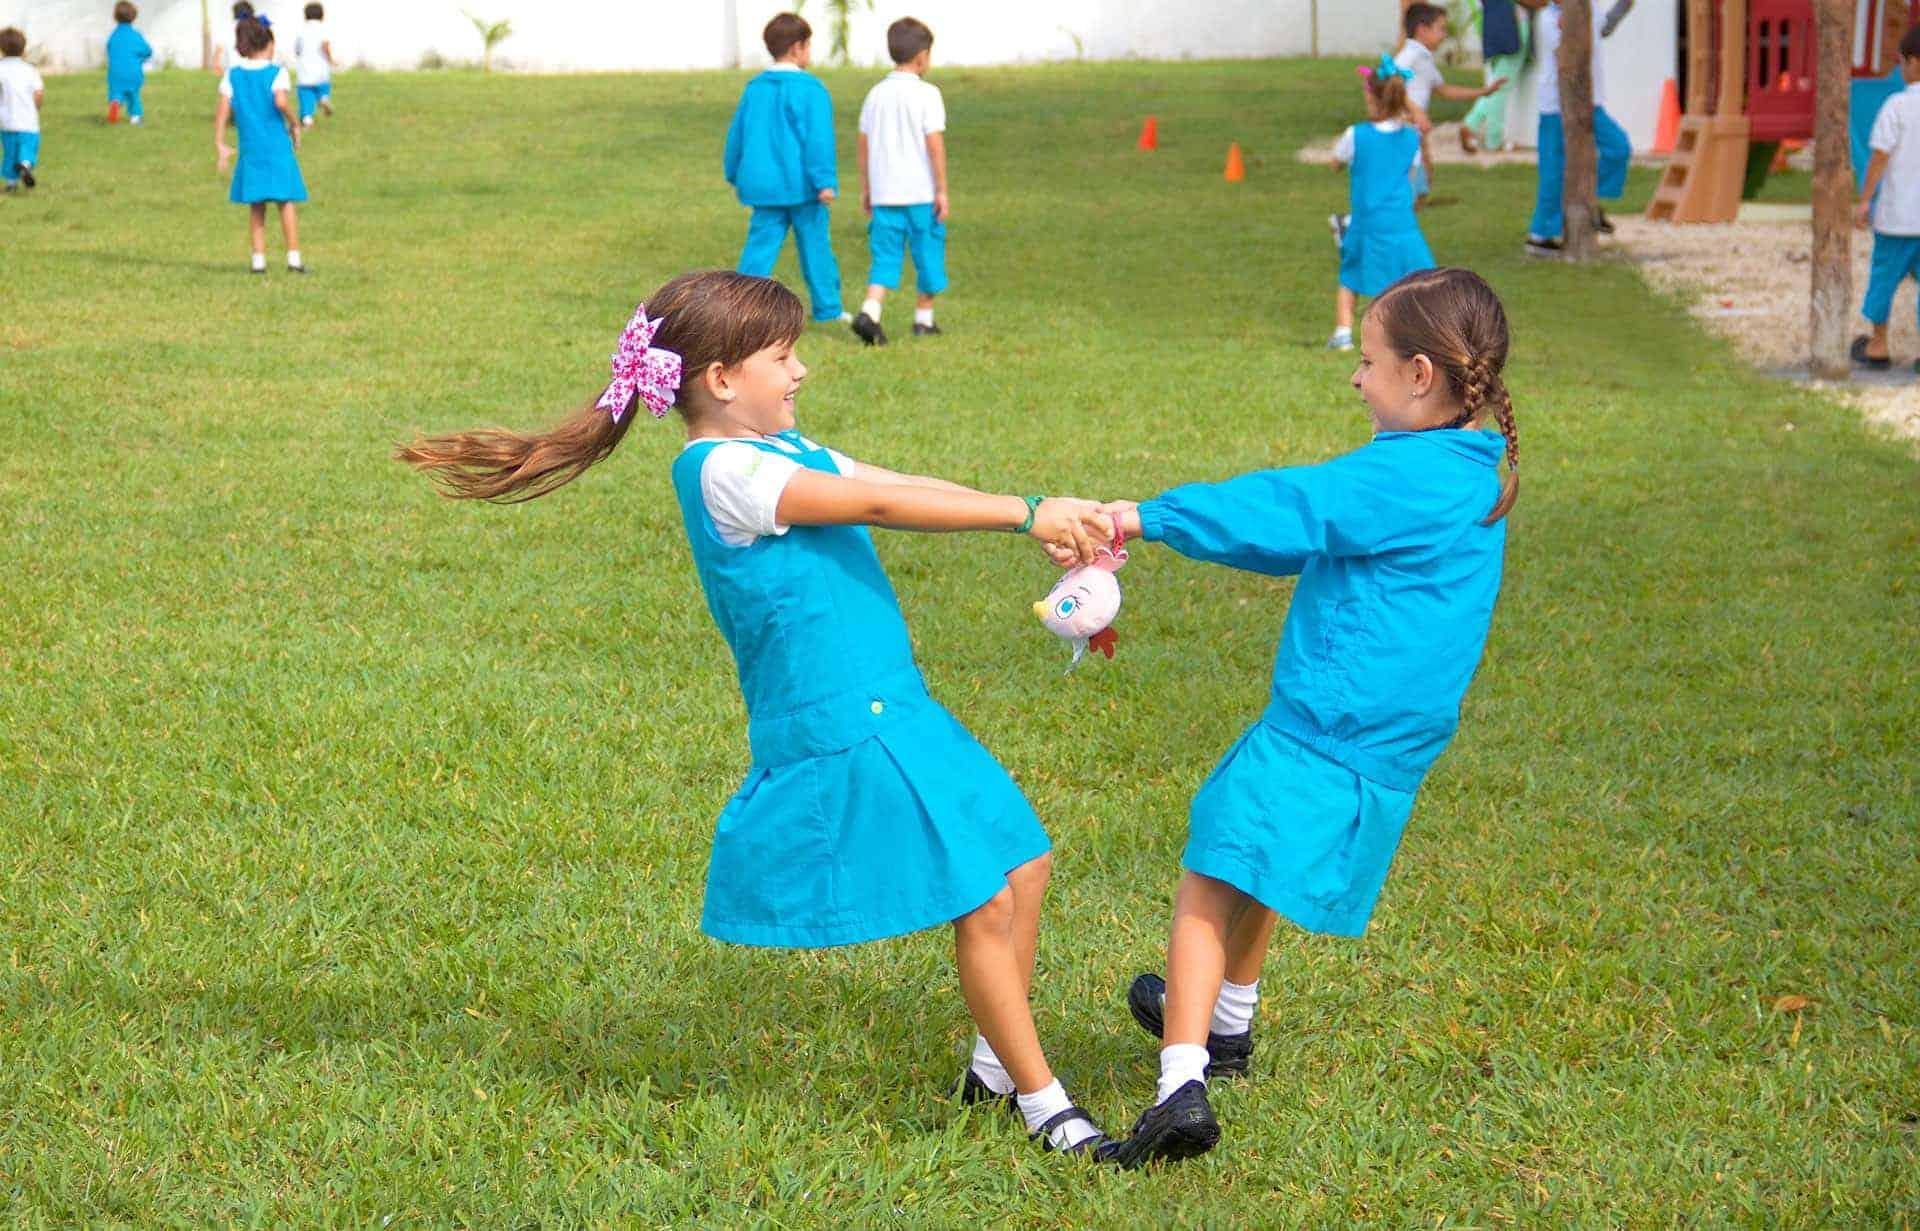 Dos niñas jugando en el patio